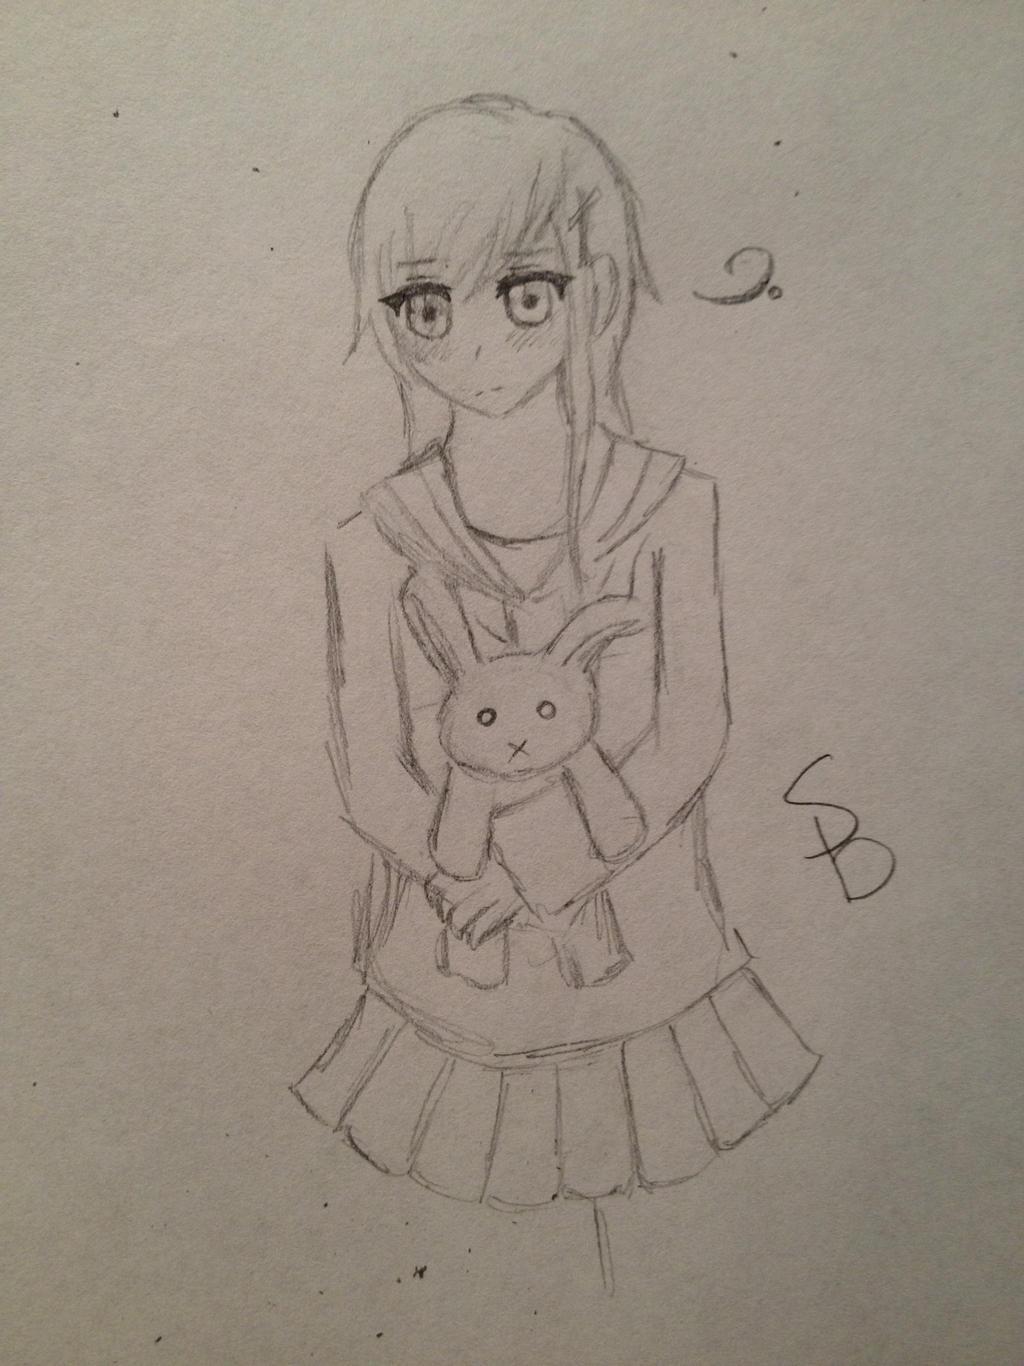 Cute random sketch of fem norway by ffttt10 on deviantart for Random cute drawings